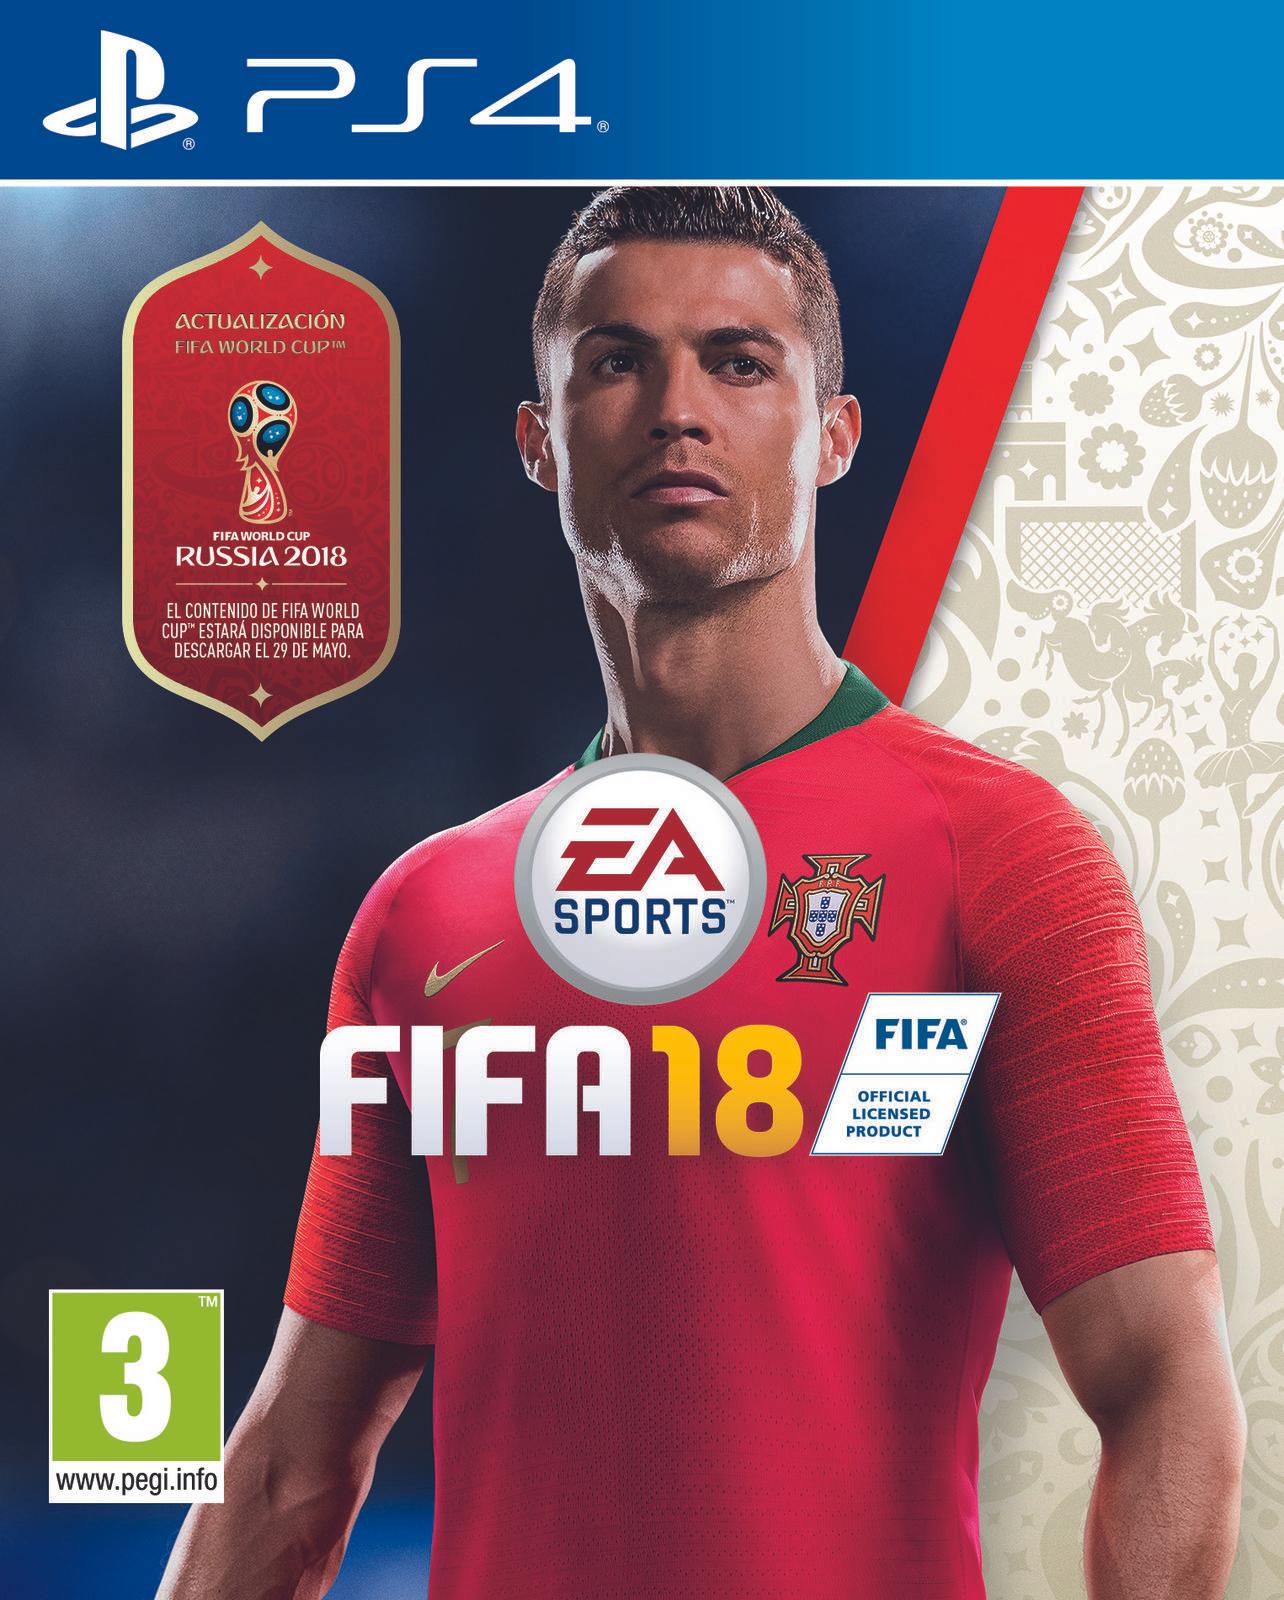 PS4 FIFA 18 solo 24,9